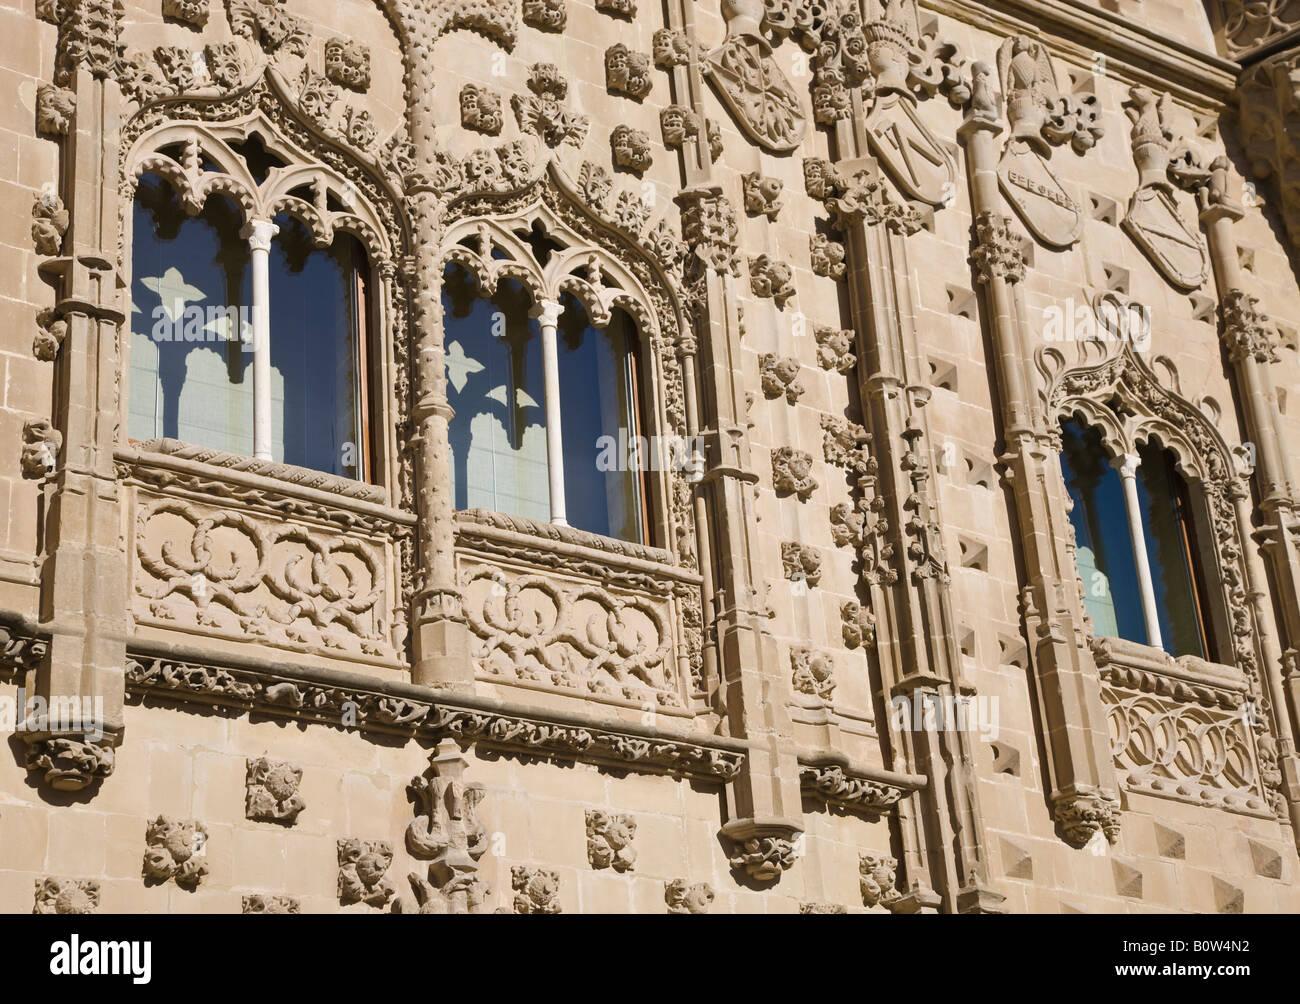 Baeza Jaen Province Spain facade of Universidad Internacional de Andalucia Antonio Machado in the Palacio de Jabalquinto - Stock Image